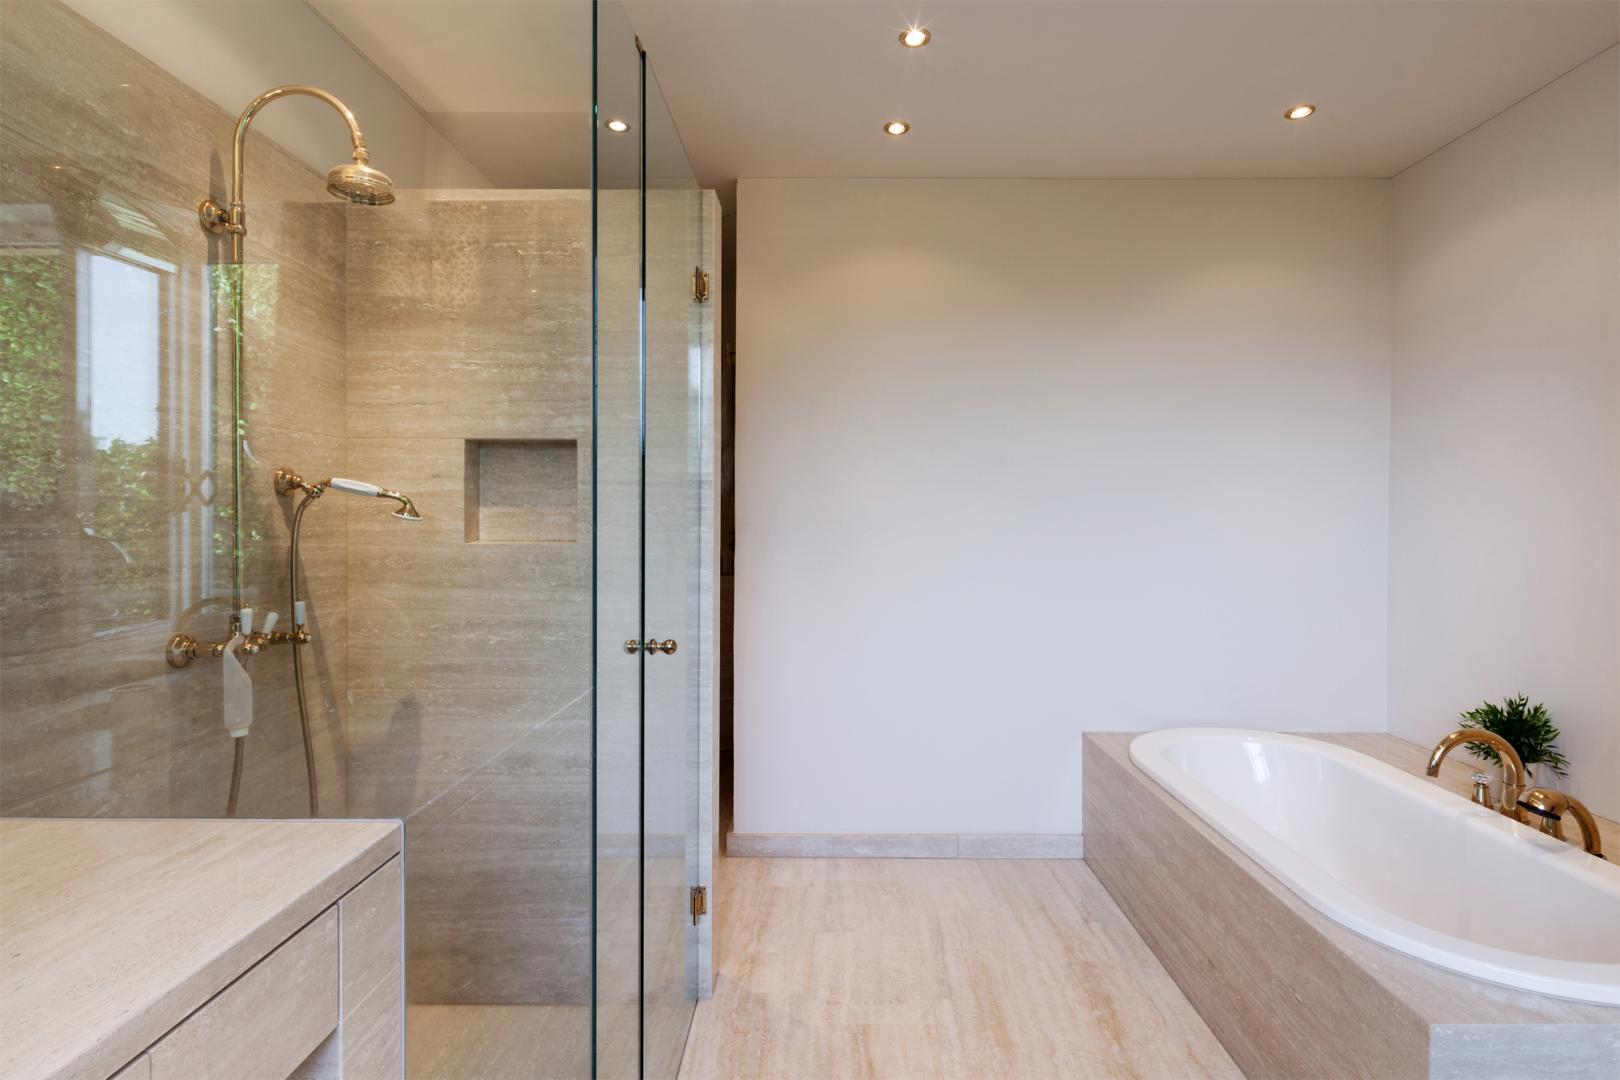 installation salle de bains paris saint quentin en yvelines ivry sur seine home bati services. Black Bedroom Furniture Sets. Home Design Ideas